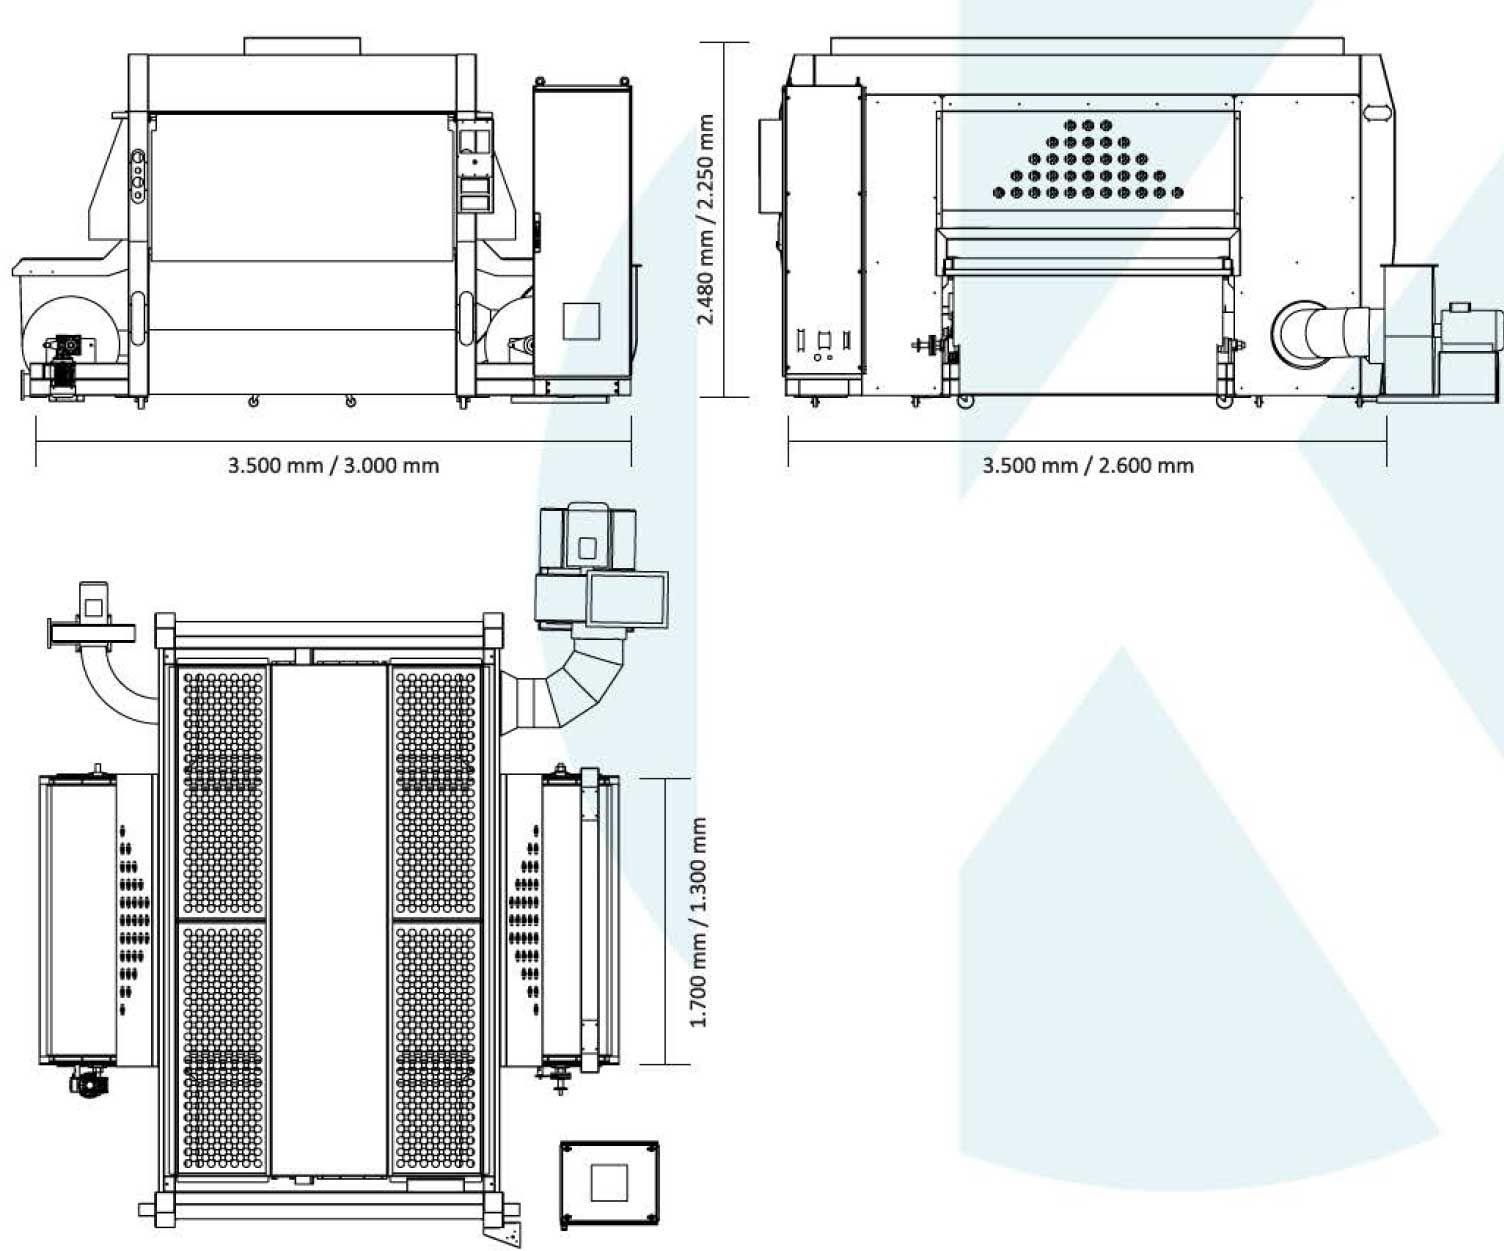 KR BM 1000 Auto Spraying Machine (With images) Kitchen